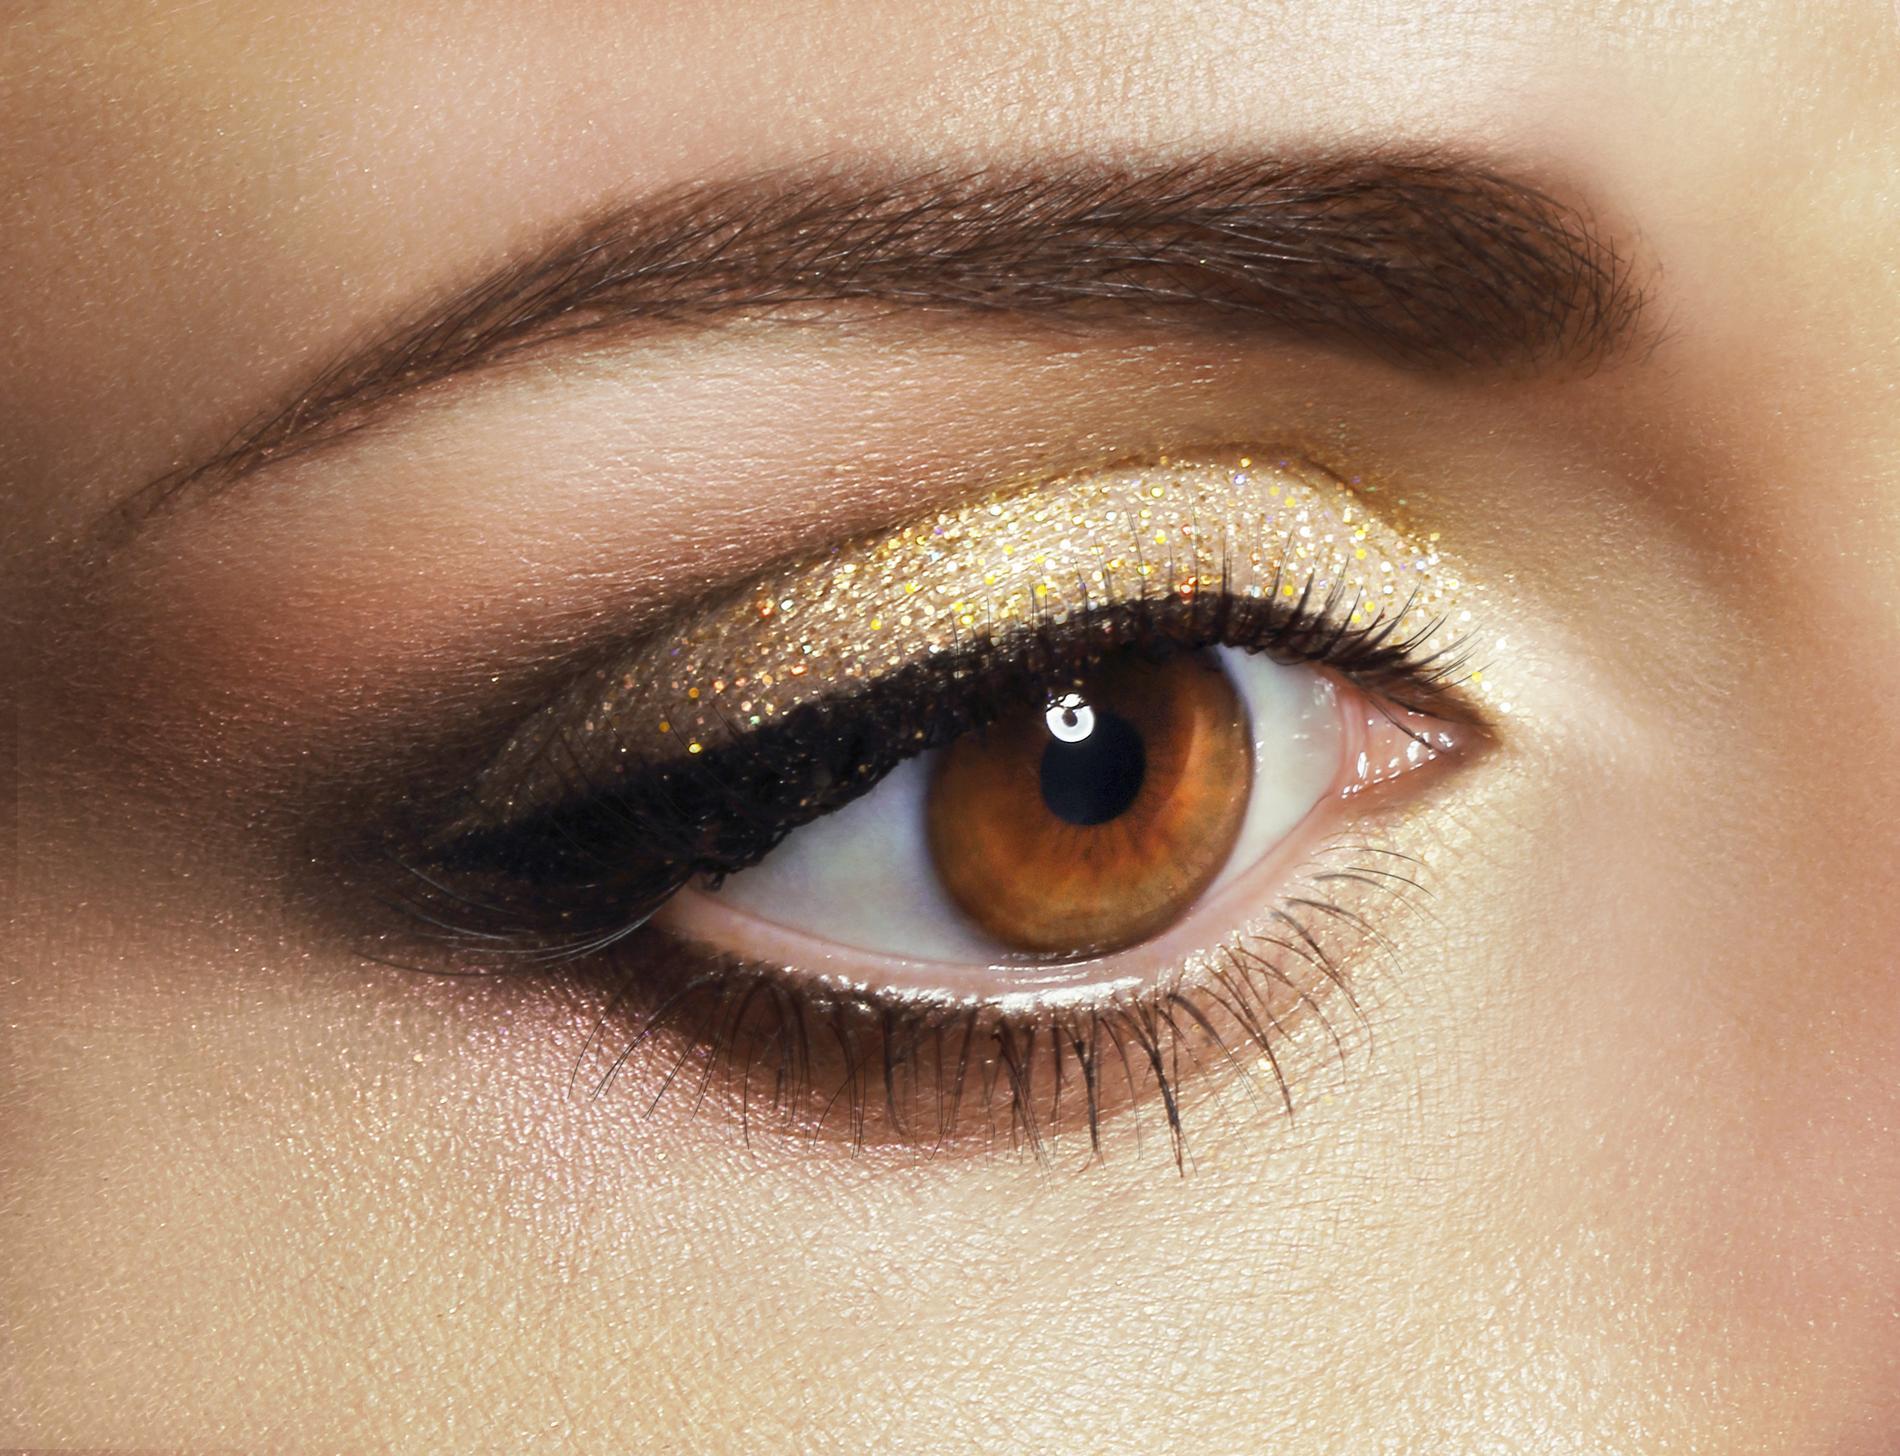 Maquillage des yeux  focus sur le contouring des sourcils